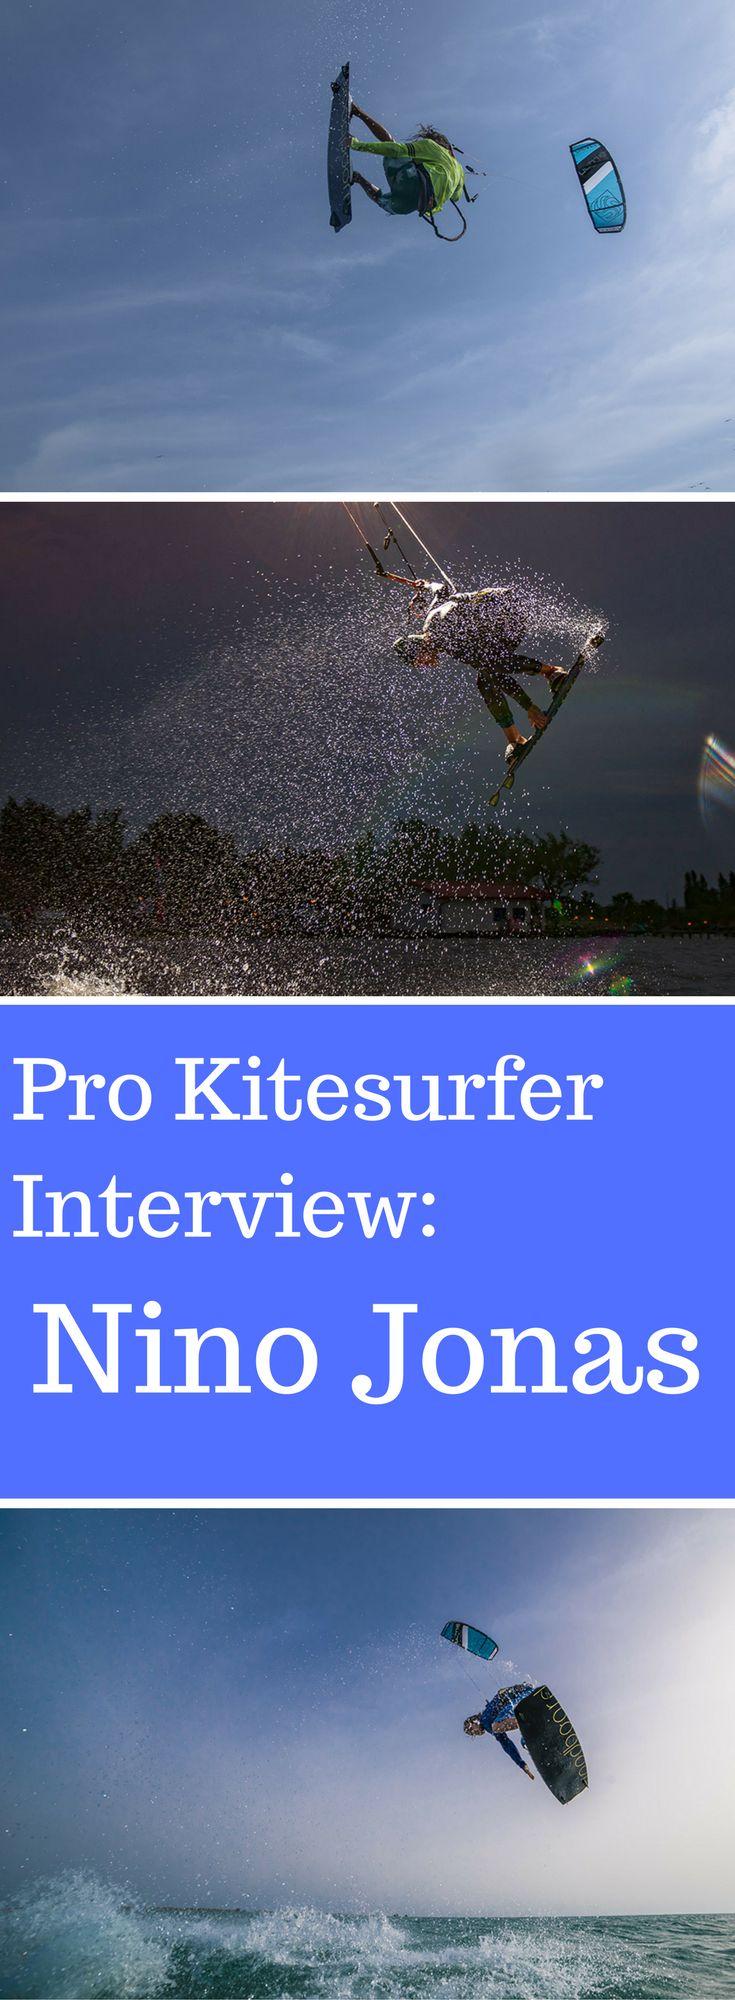 Erfahre alles was man wissen muss über den Pro Kitesurfer und Woodboard Rider Nino Jonas. Exklsuives Interview im Kiteladen Blog.